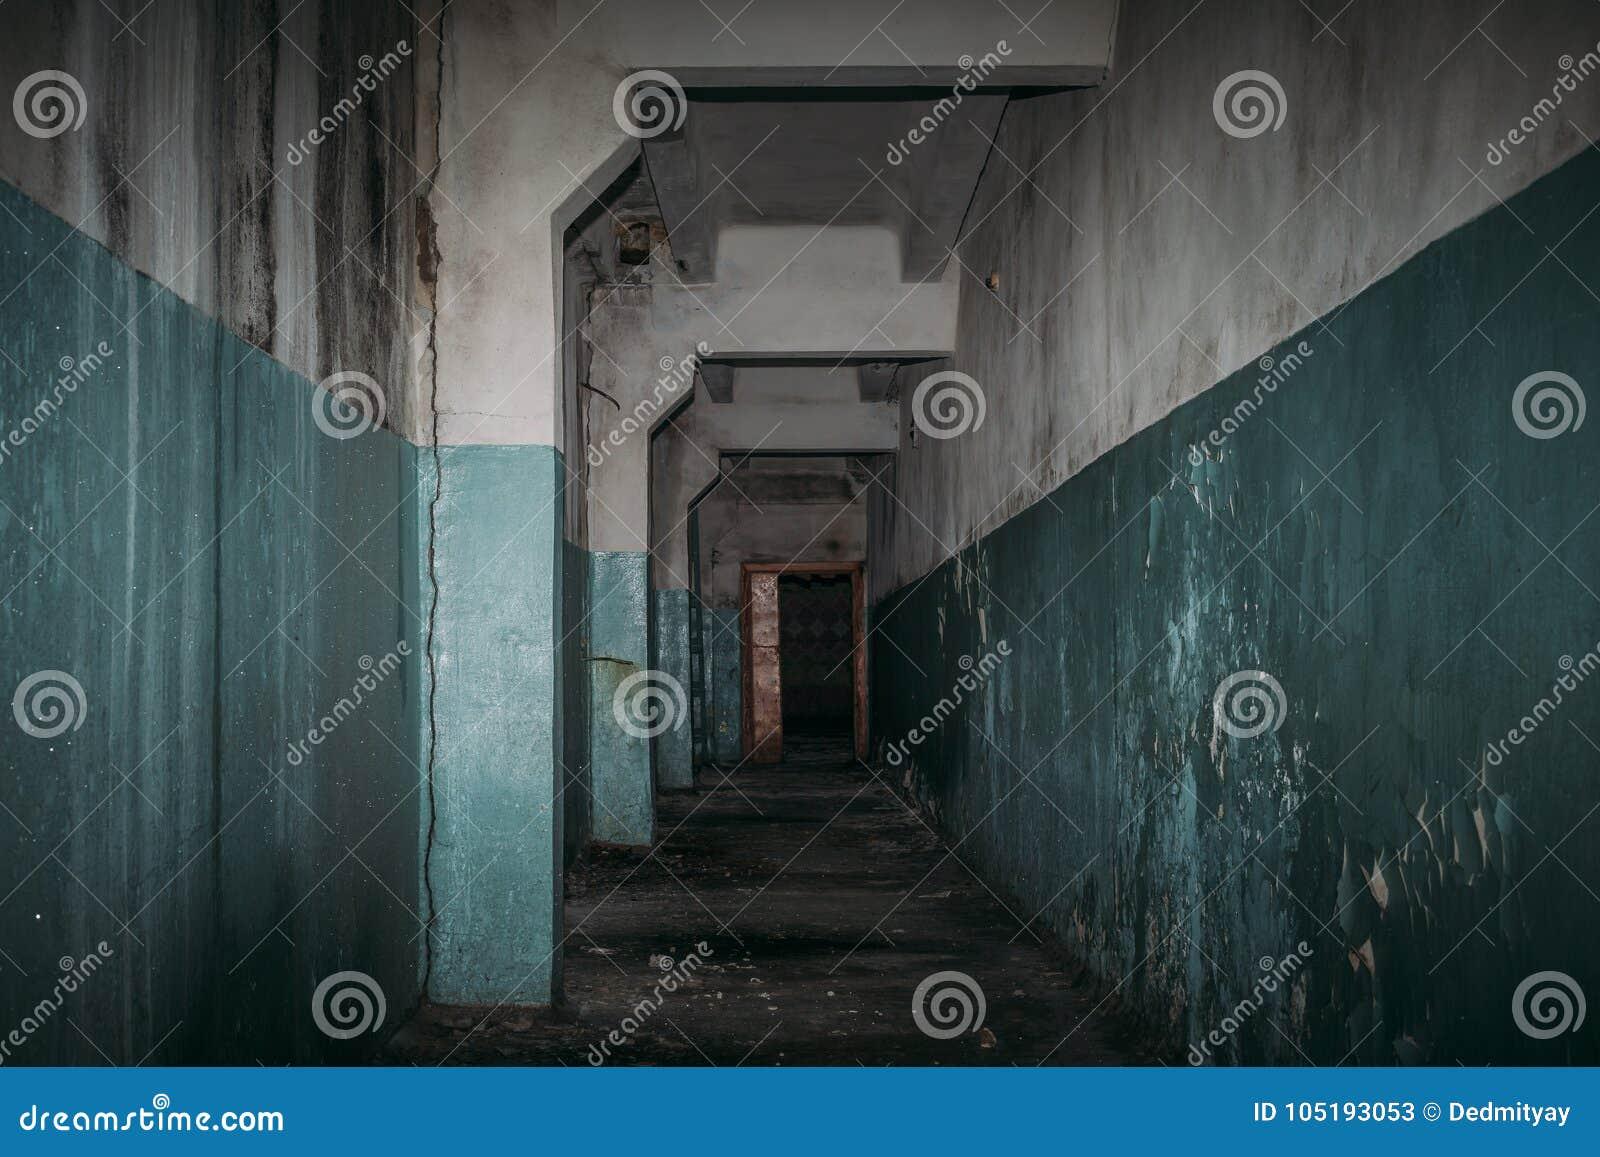 Σκοτεινός ανατριχιαστικός διάδρομος στο τρομακτικό εγκαταλειμμένο κτήριο, ατμόσφαιρα φρίκης